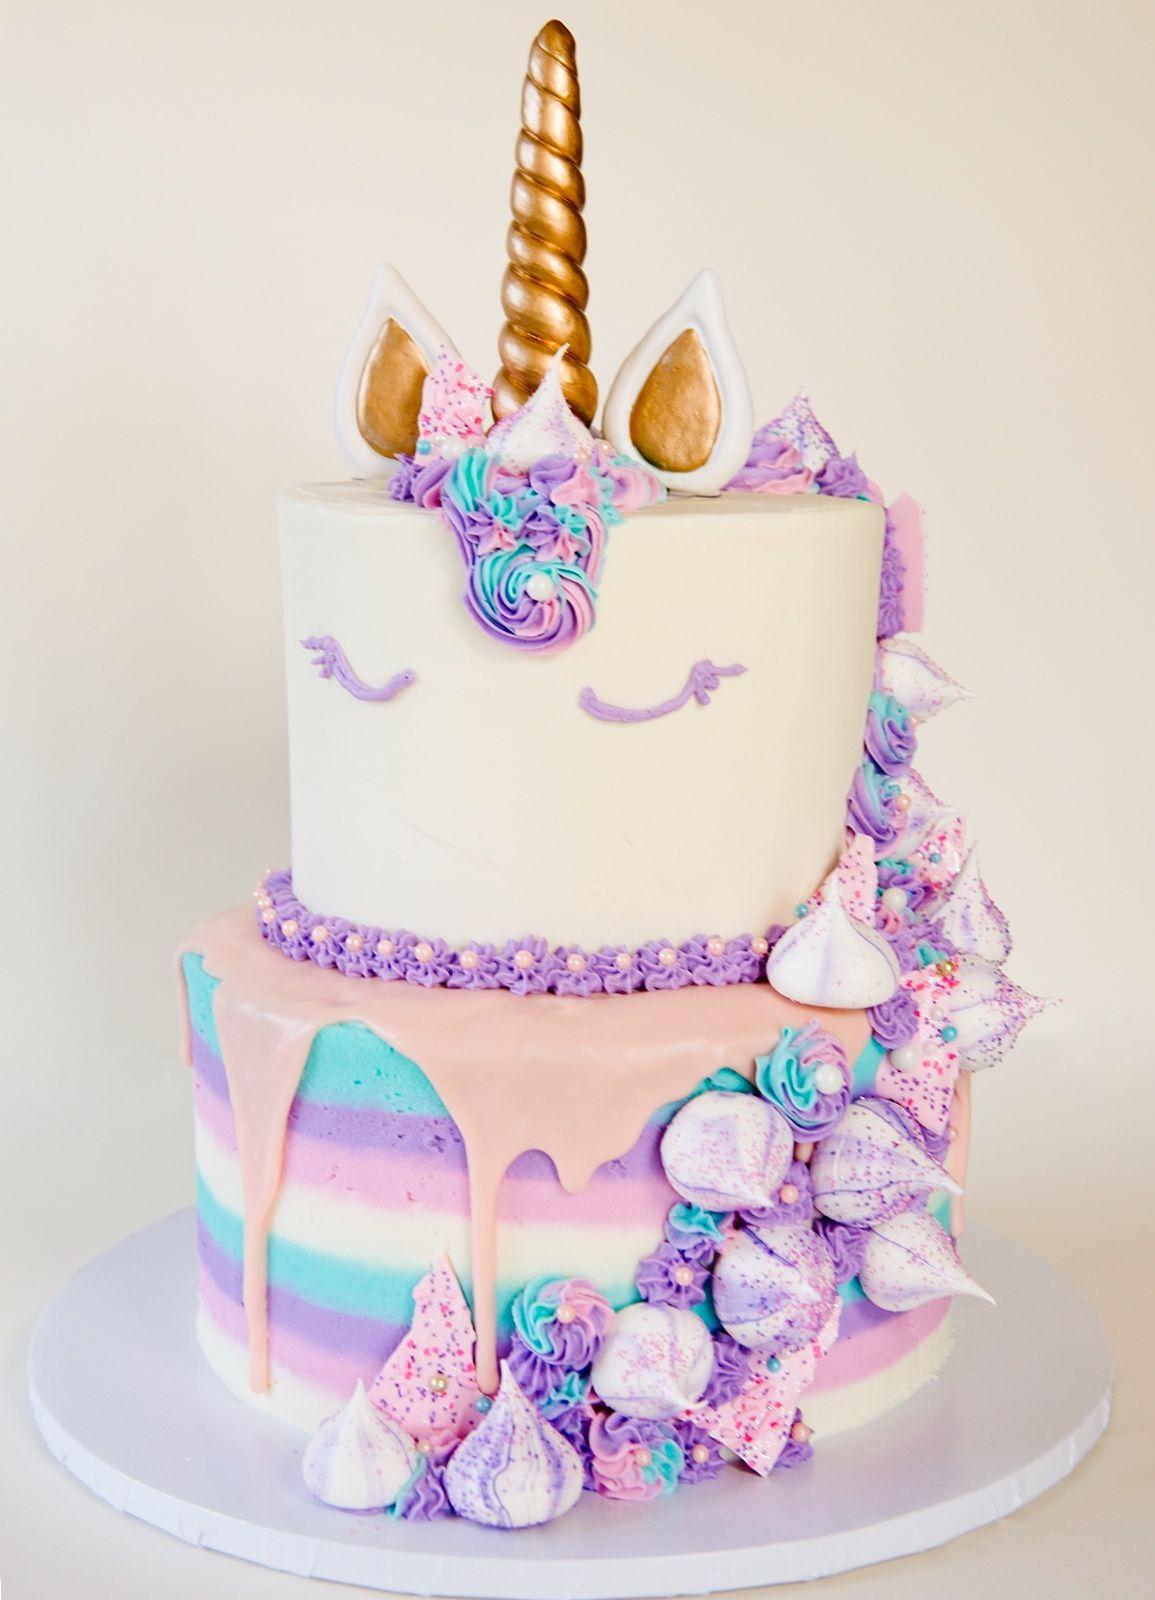 Ausgefallene Kuchen für Kindergeburtstag - Einhorn Torte